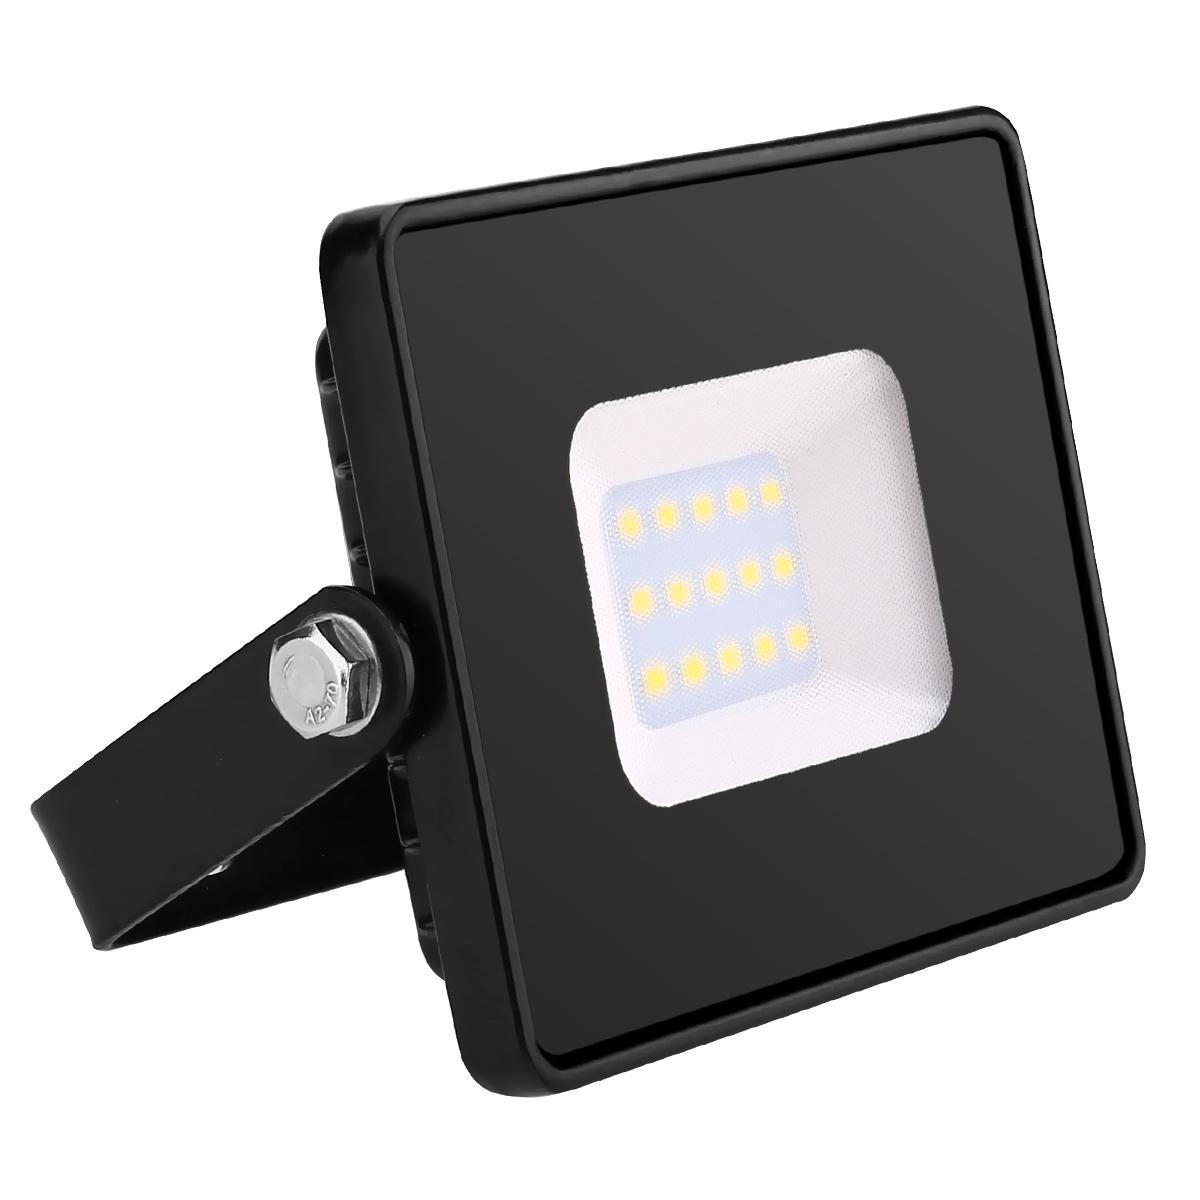 LED Fluter, 10W 800lm Flutlicht, ersetzt 100W Halogenlampe, IP65 Wasserdicht Außenleuchten, Warmweiß Flutlichtstrahler, Strahler